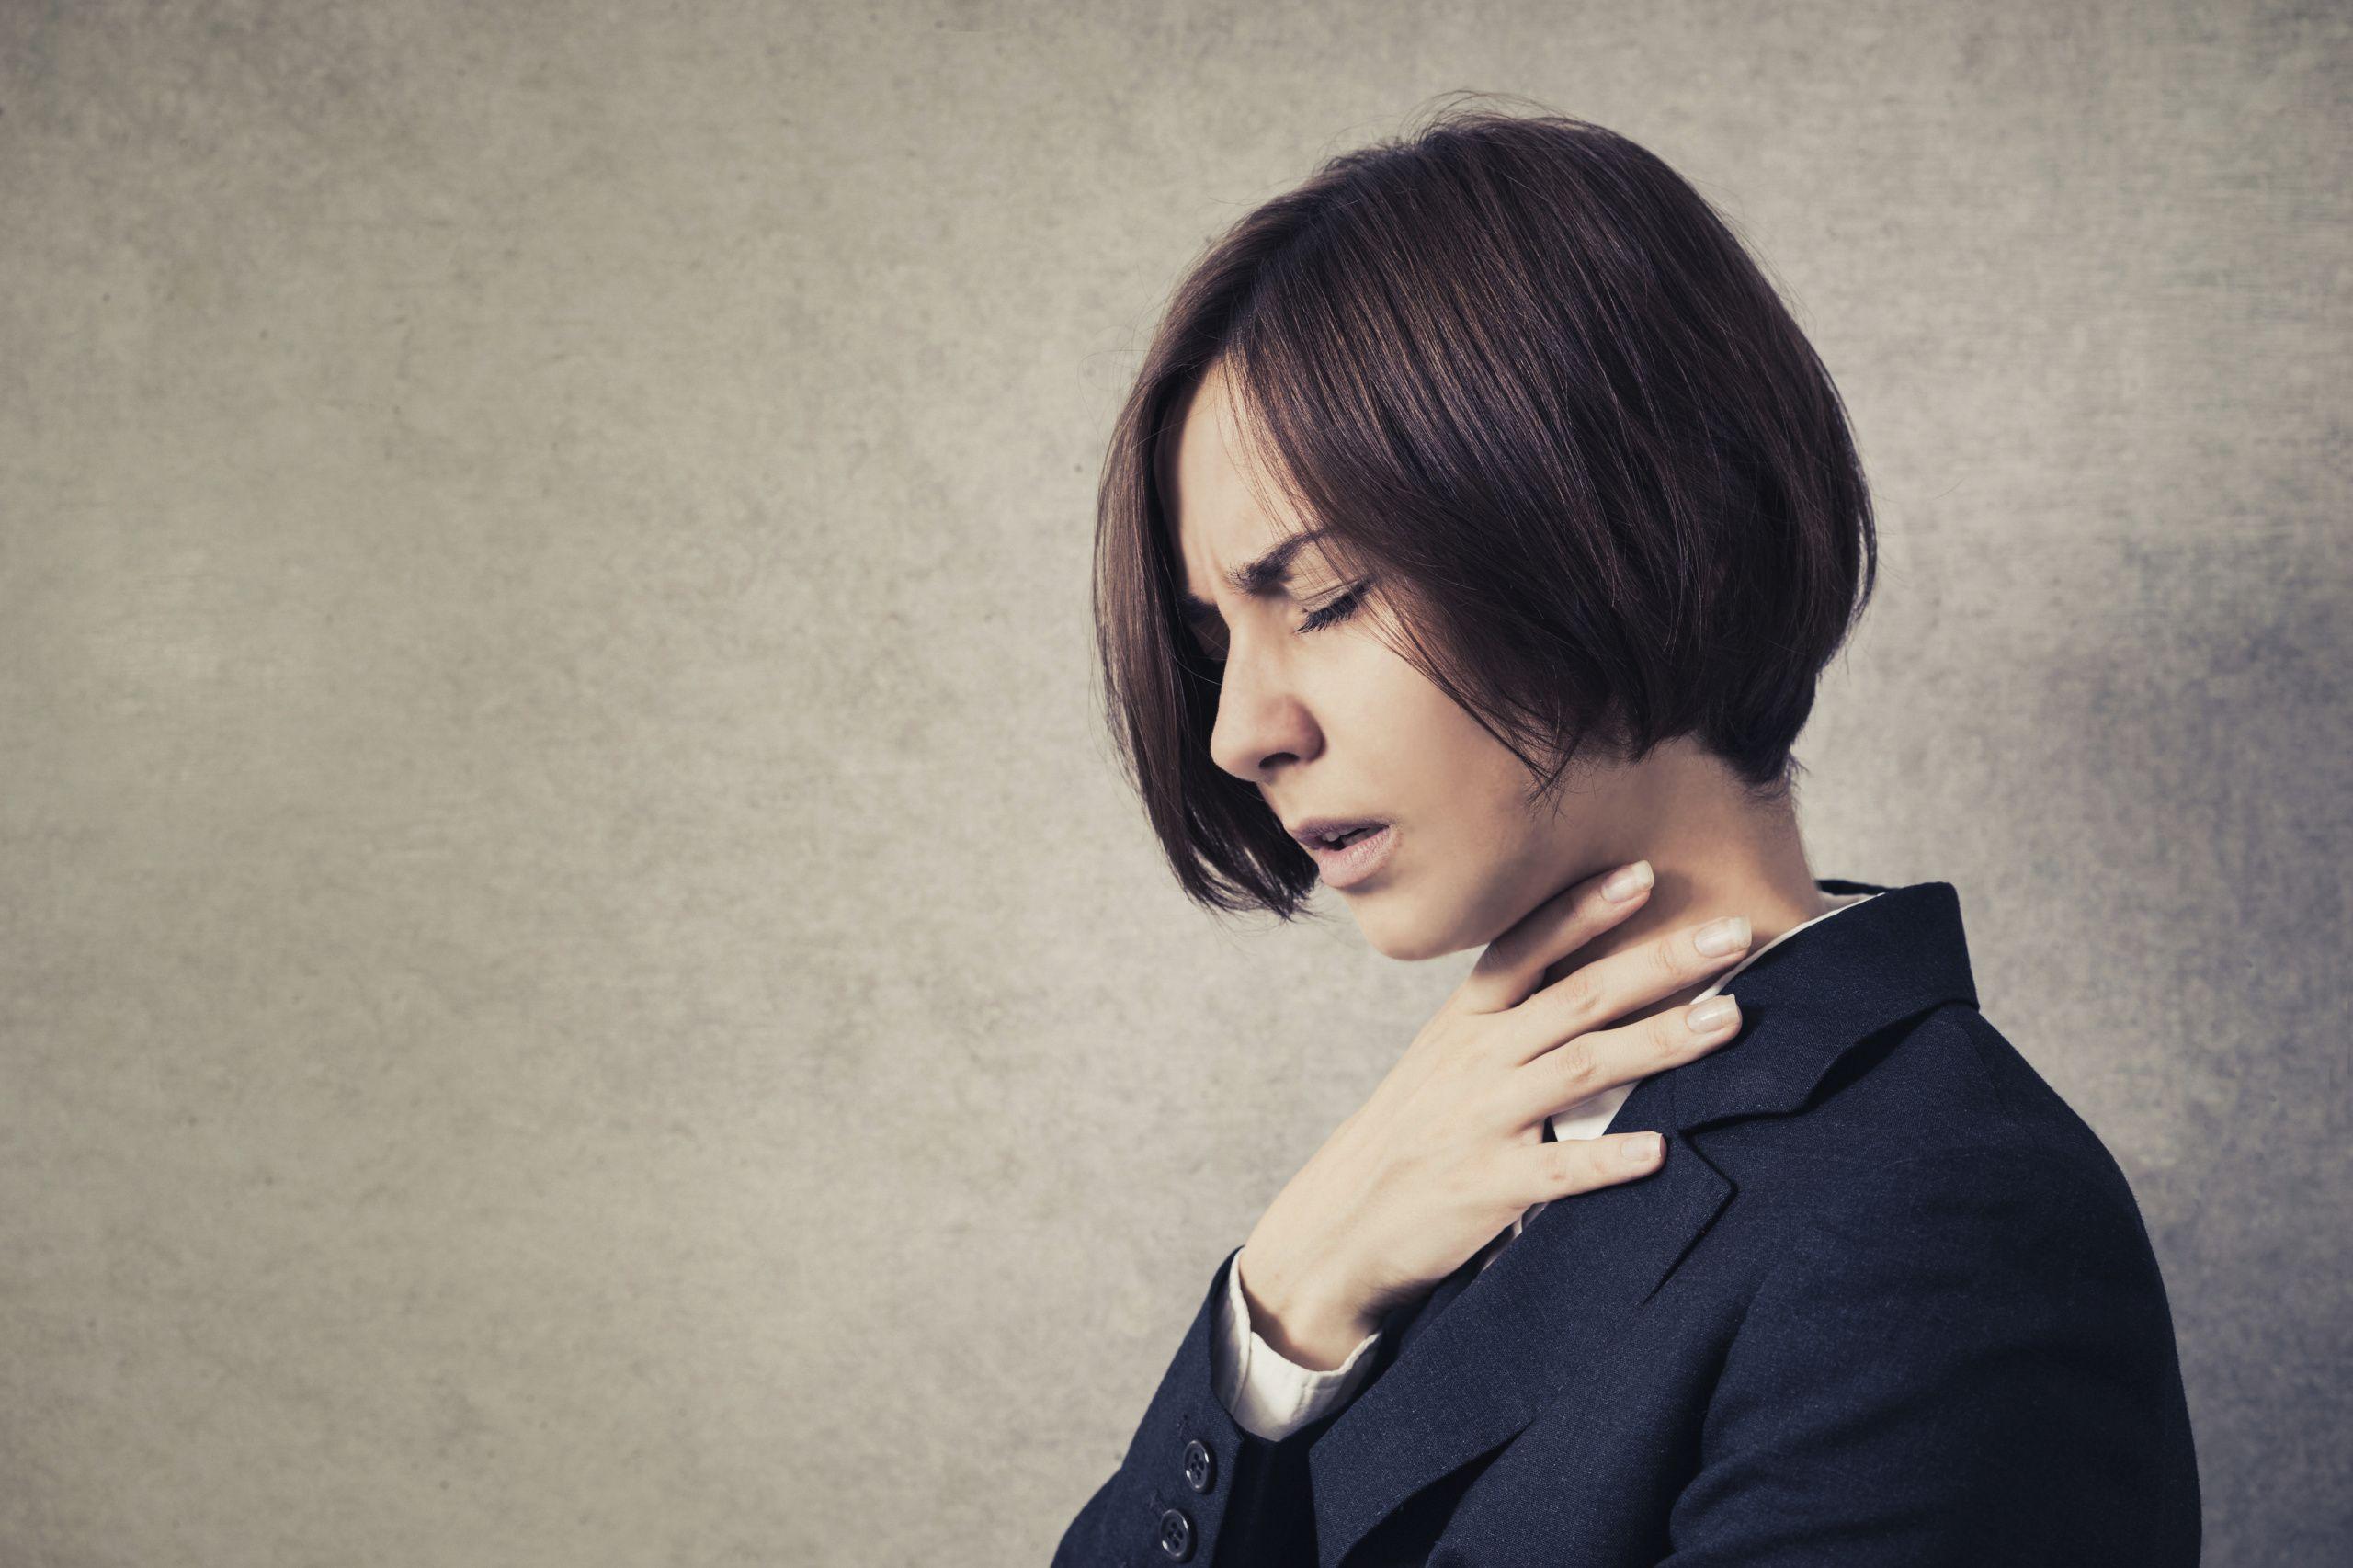 Eine Frau fasst sich an den Hals aufgrund von Halsschmerzen oder Atemnot